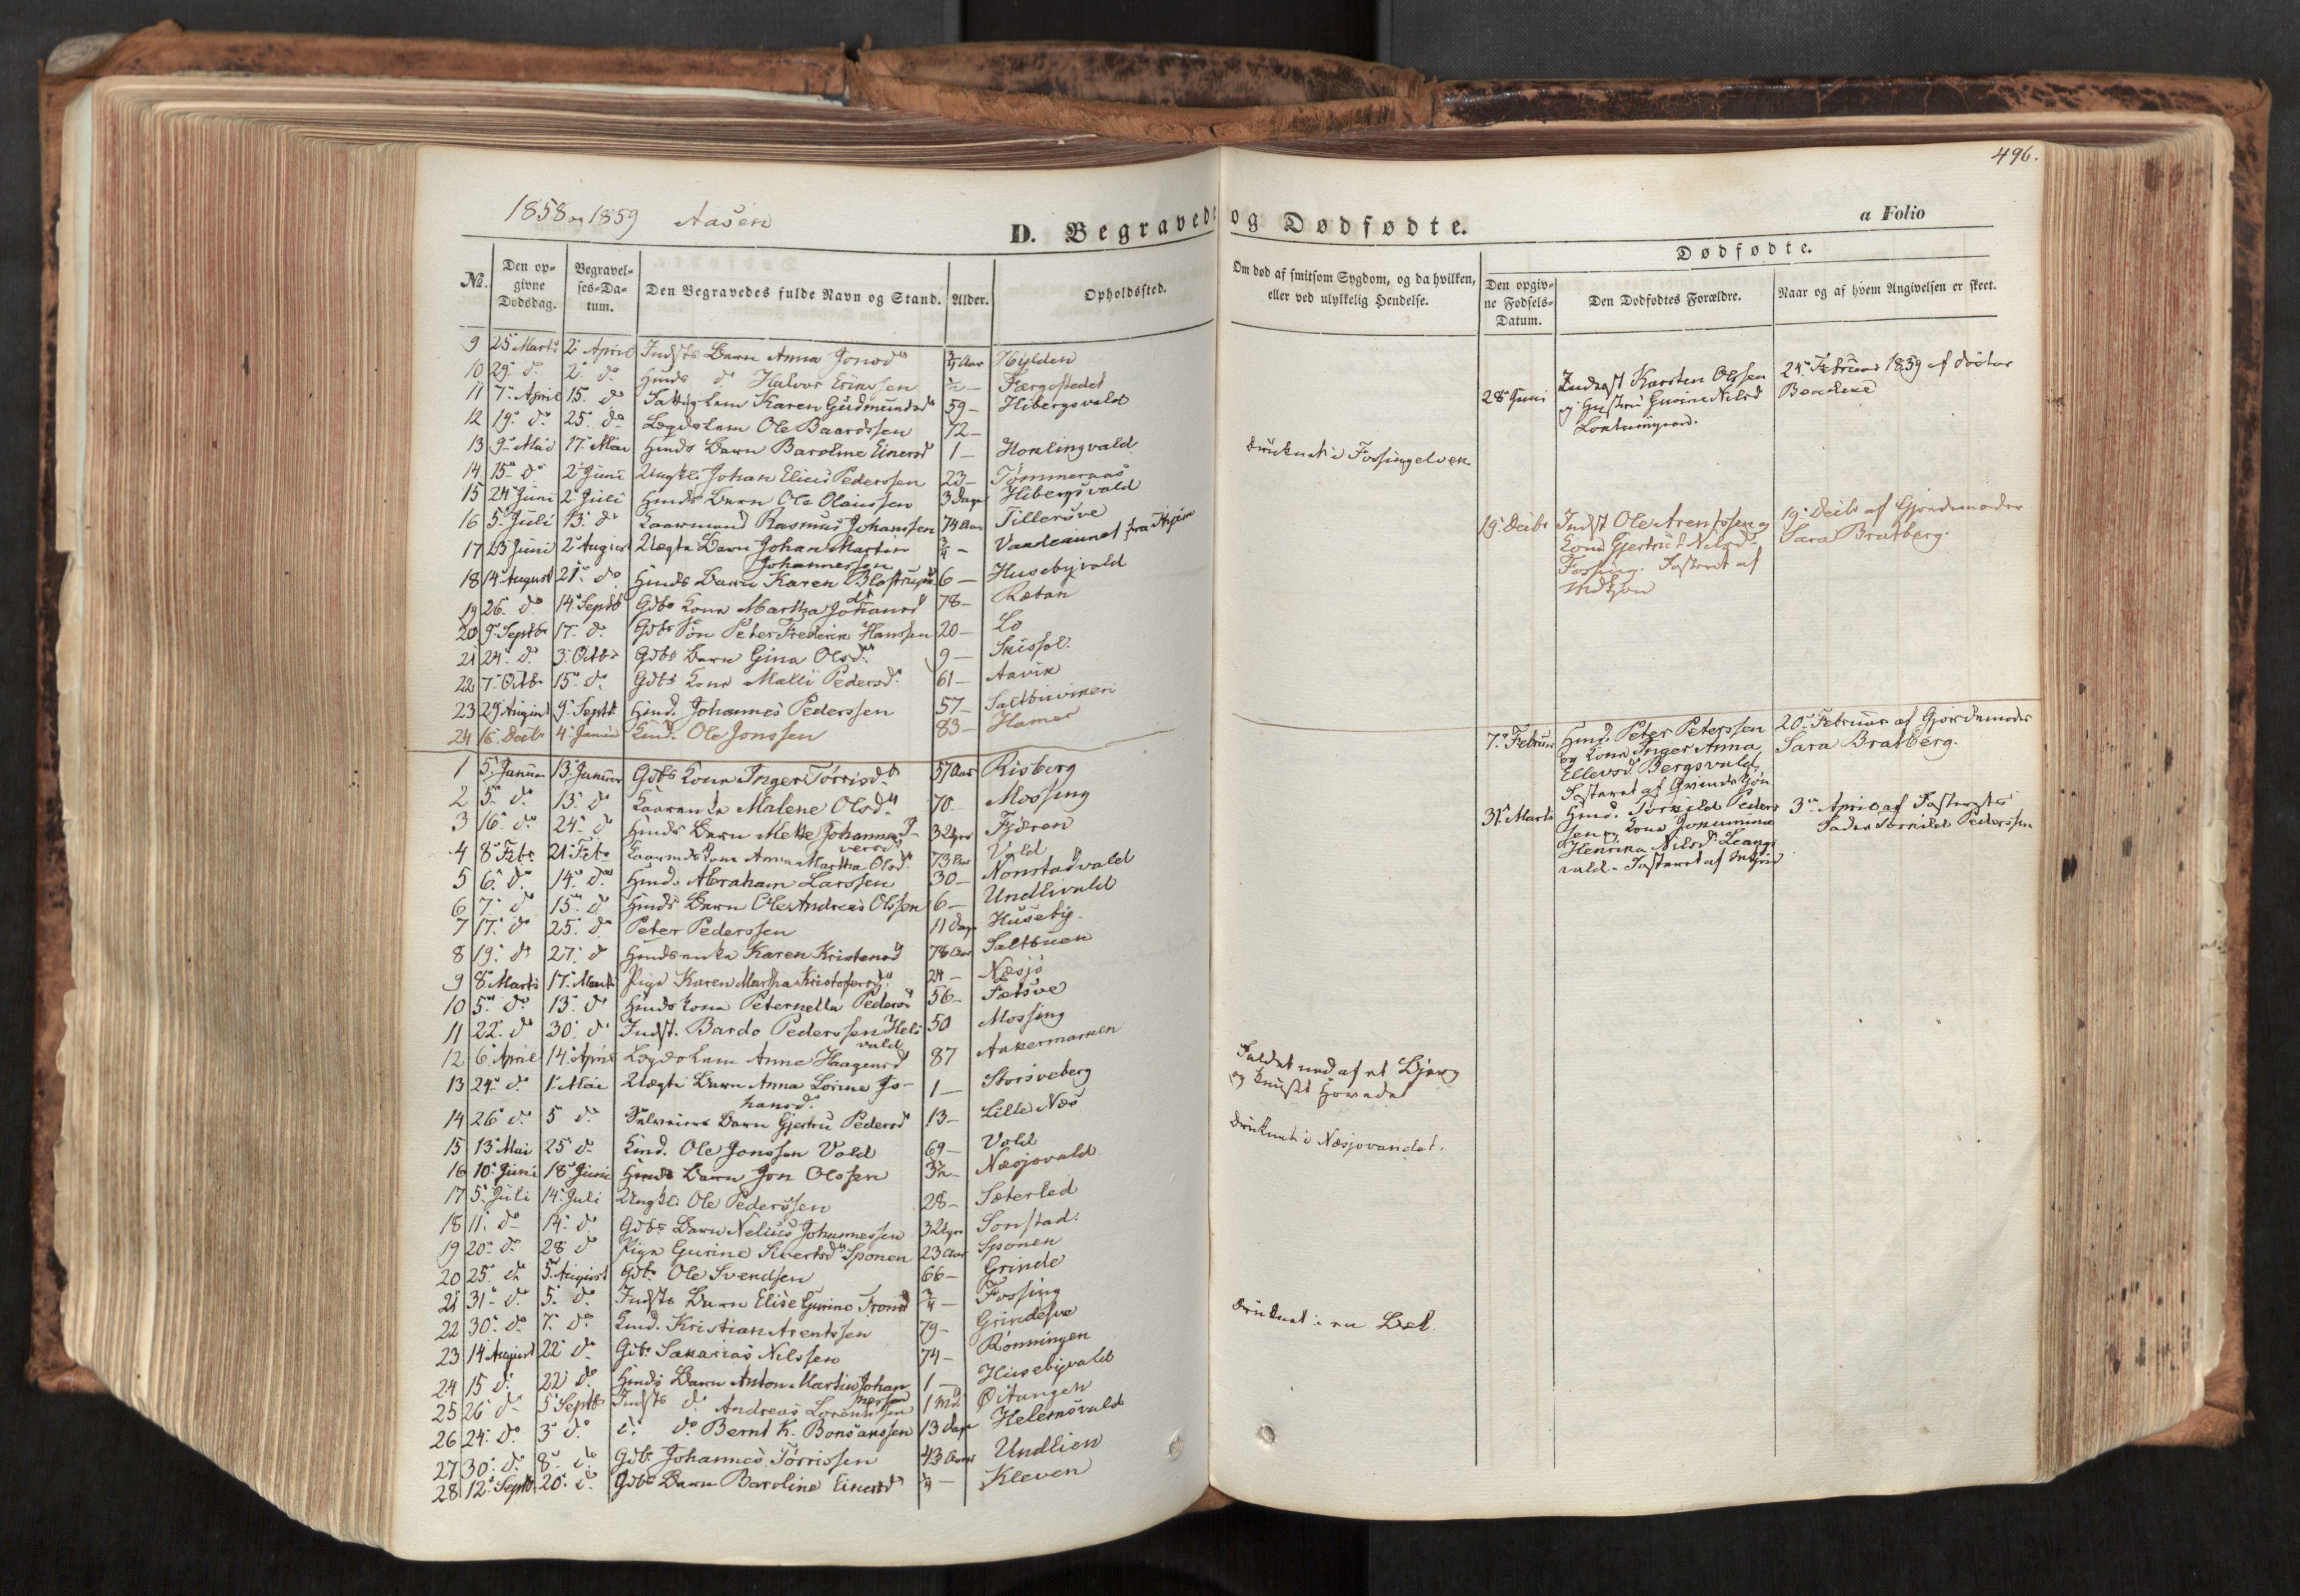 SAT, Ministerialprotokoller, klokkerbøker og fødselsregistre - Nord-Trøndelag, 713/L0116: Ministerialbok nr. 713A07, 1850-1877, s. 496